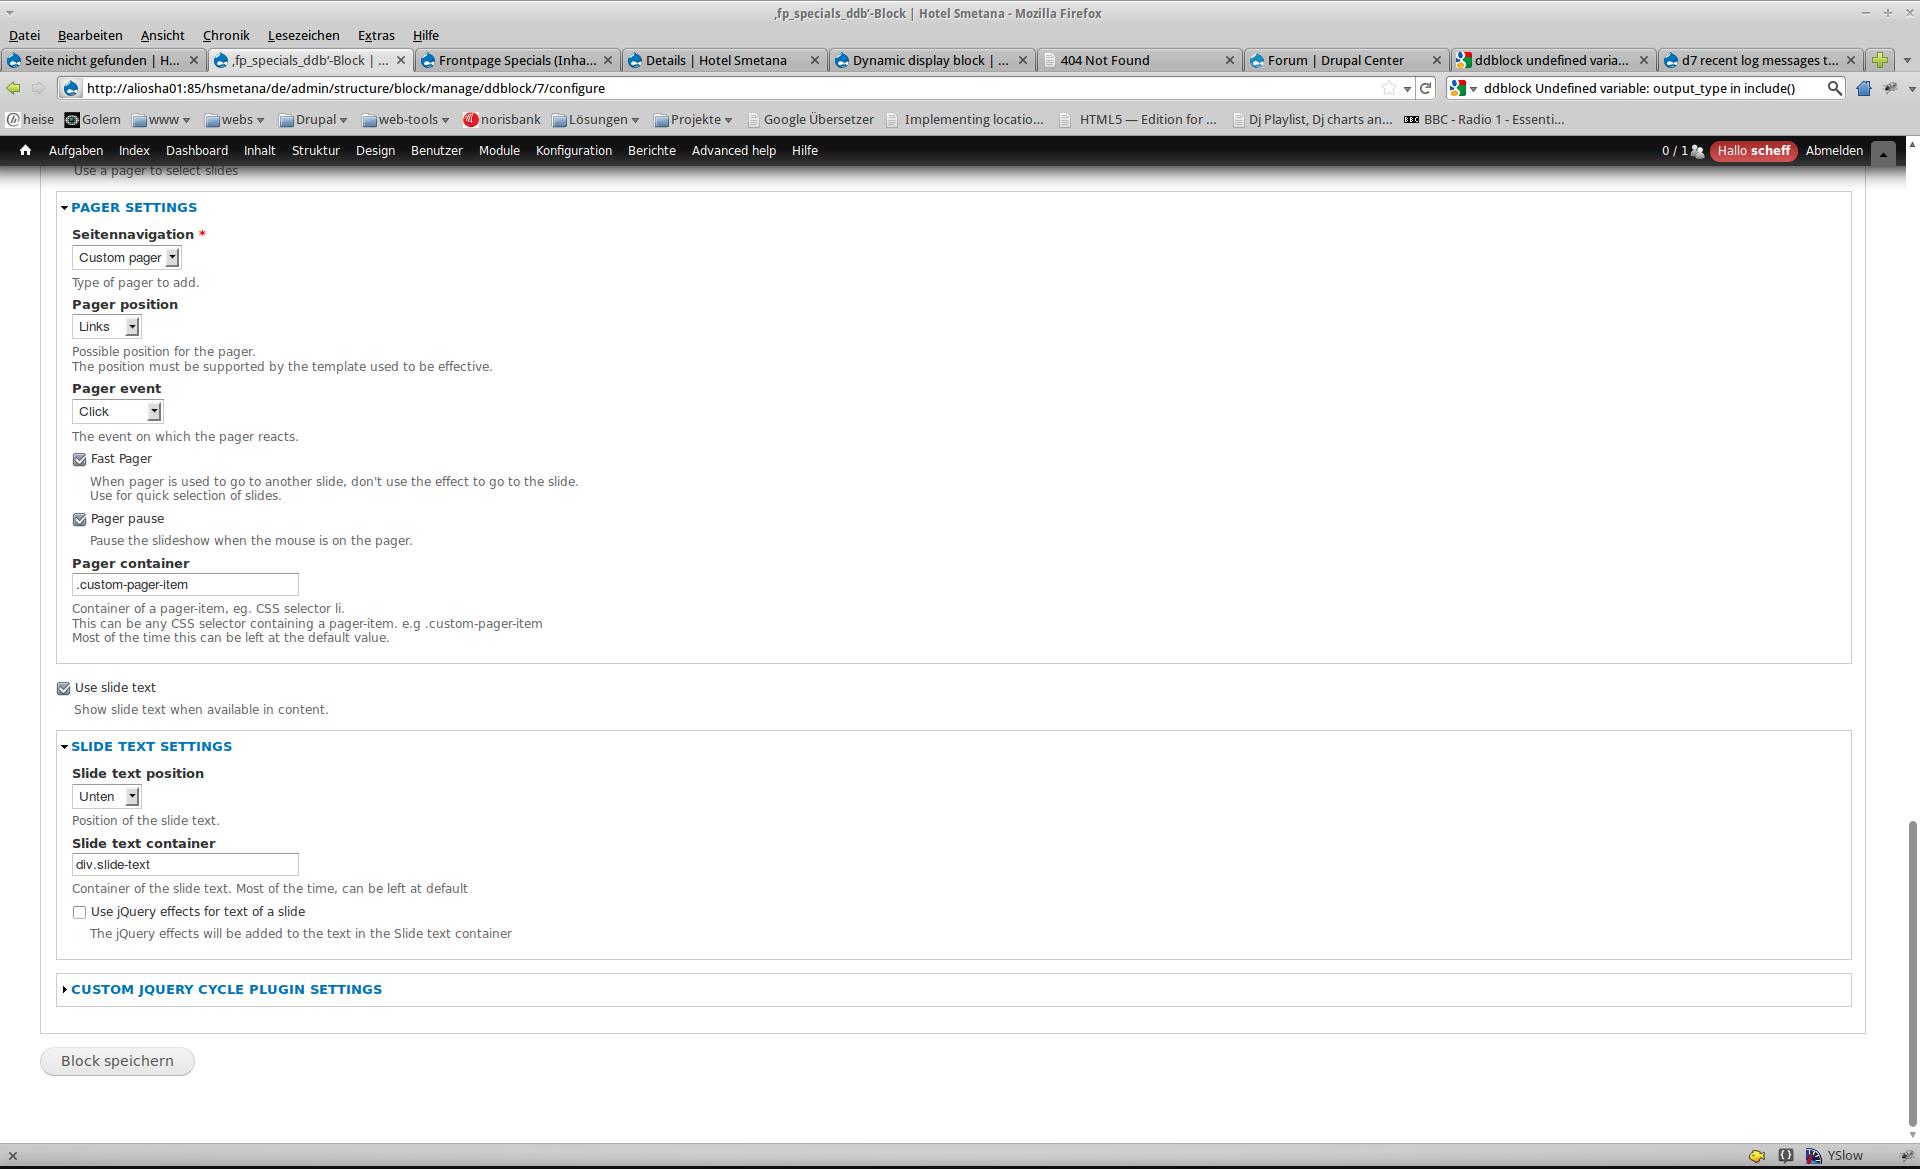 Ziemlich Vorlage.php Drupal Zeitgenössisch - Beispiel Anschreiben ...